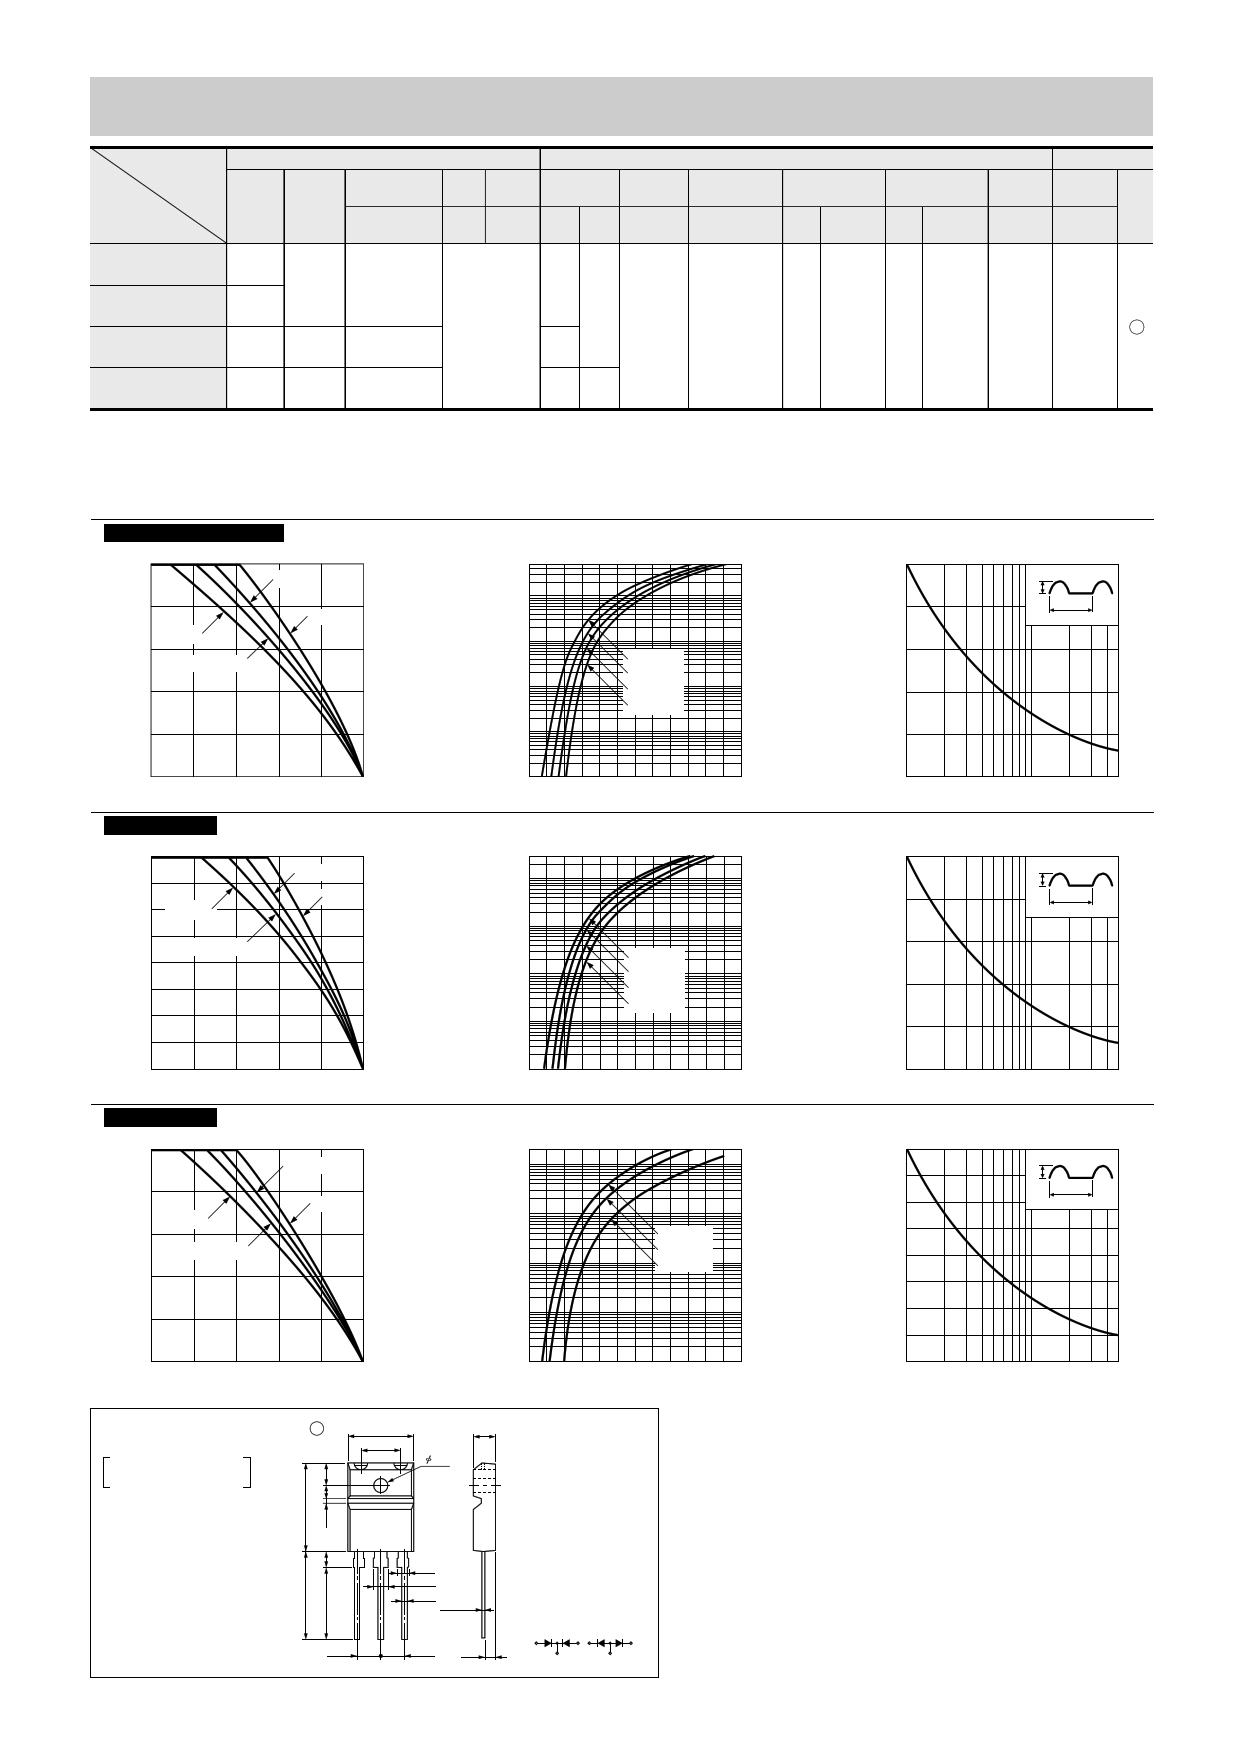 FMG-36S دیتاشیت PDF